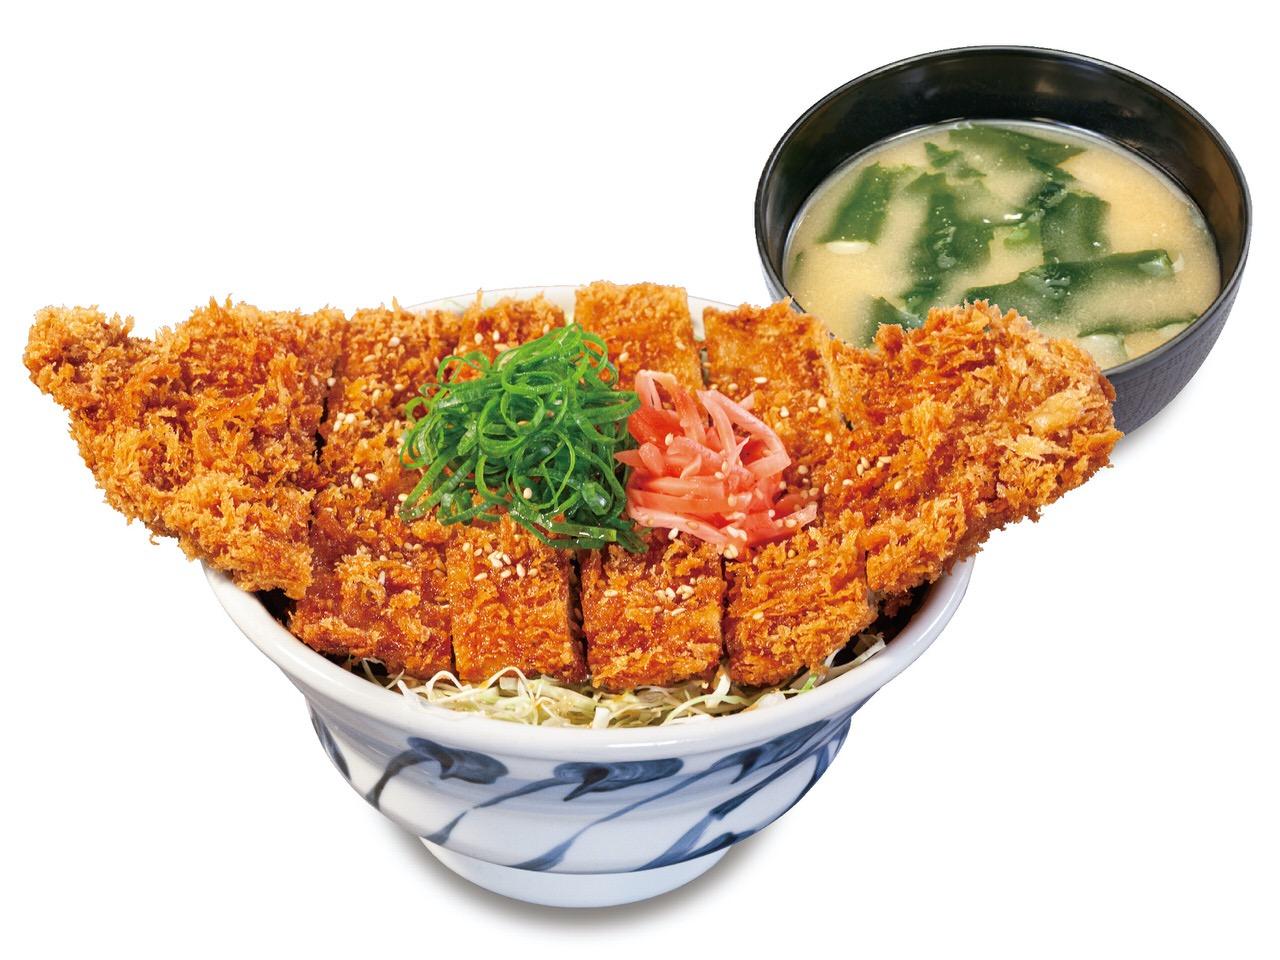 【松のや】丼からはみ出すわらじサイズのかつがどん!「わらじかつ」7月22日より発売